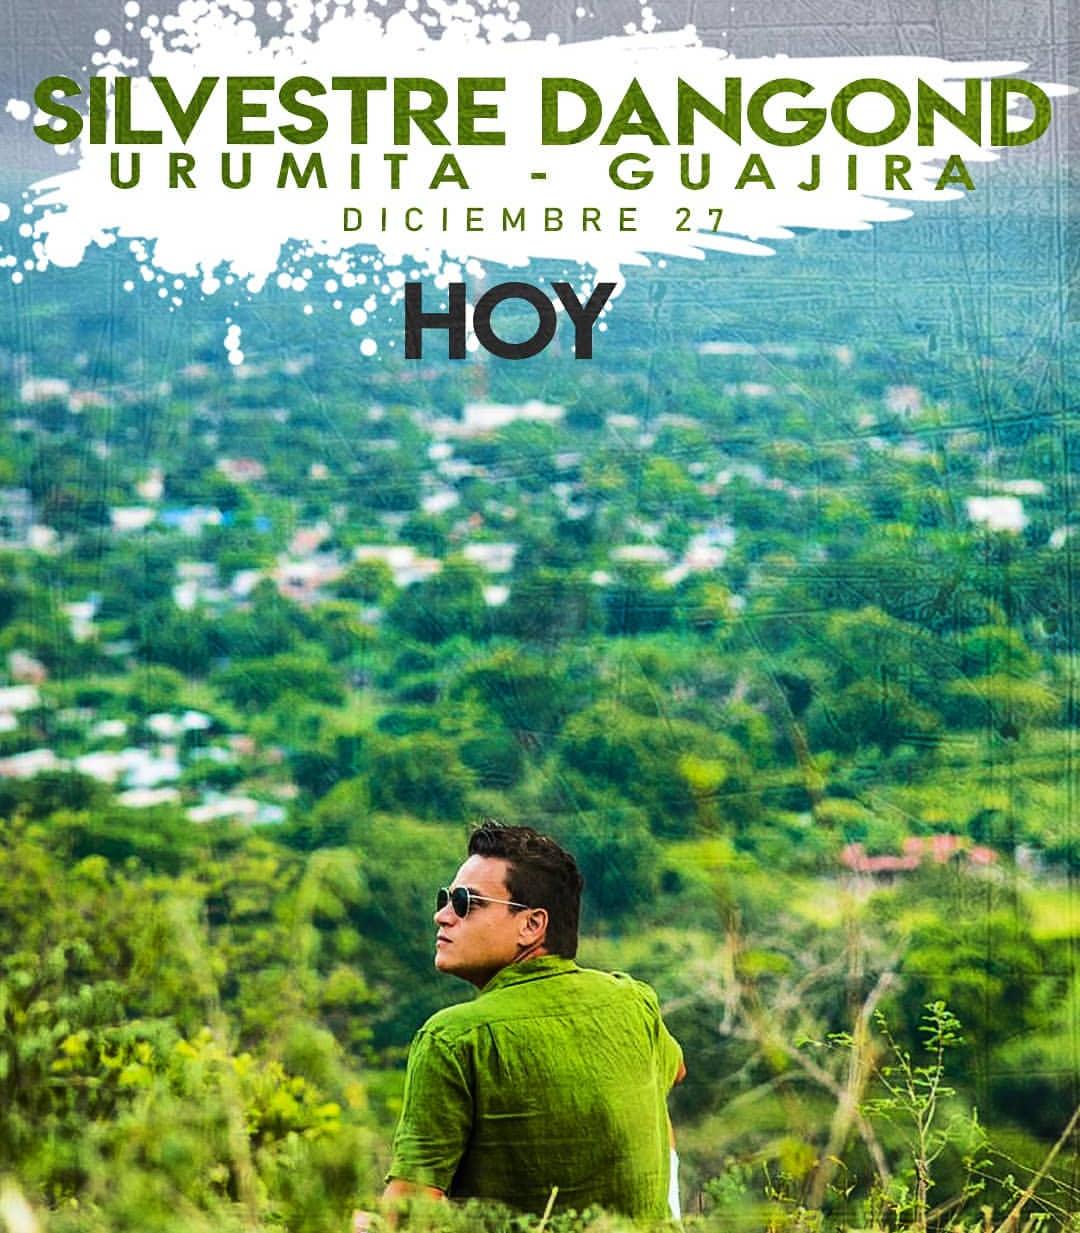 Silvestre Dangond hará concierto gratuito en su pueblo Urumita